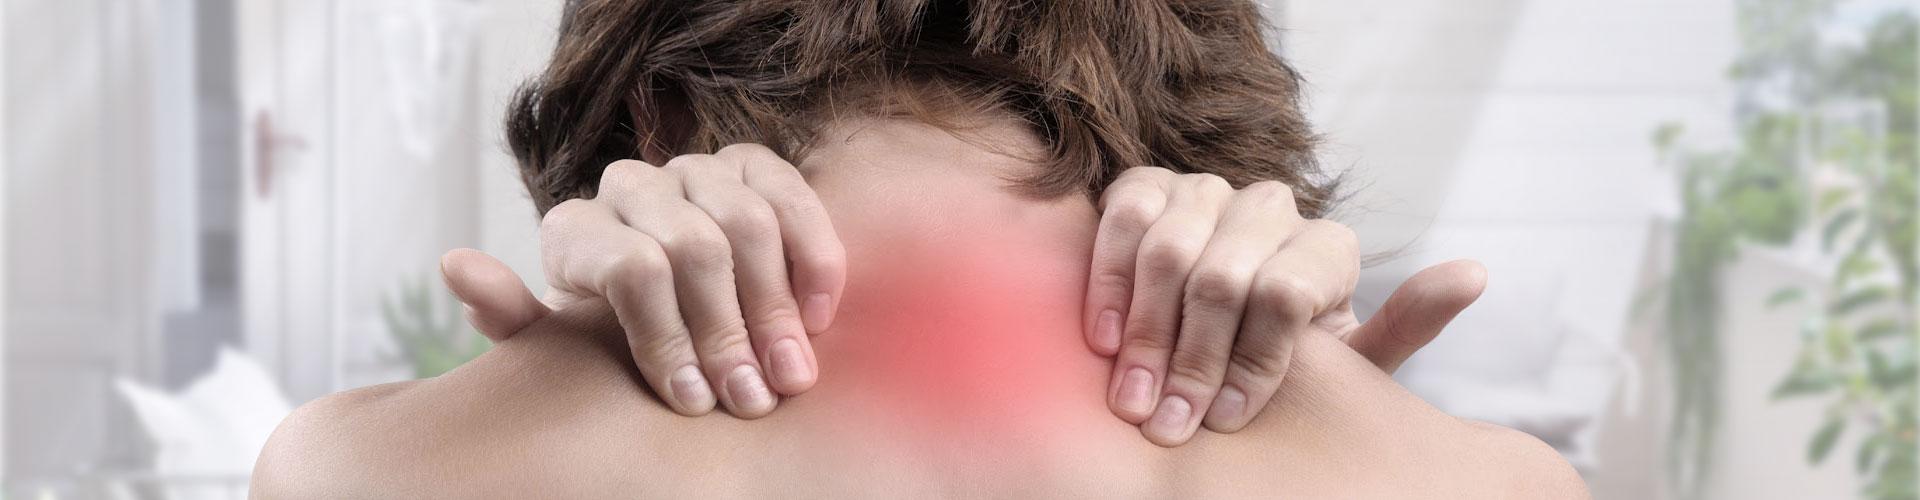 думаю, может ли грудной остеохондроз вызывать головокружение ваша довольно сложная